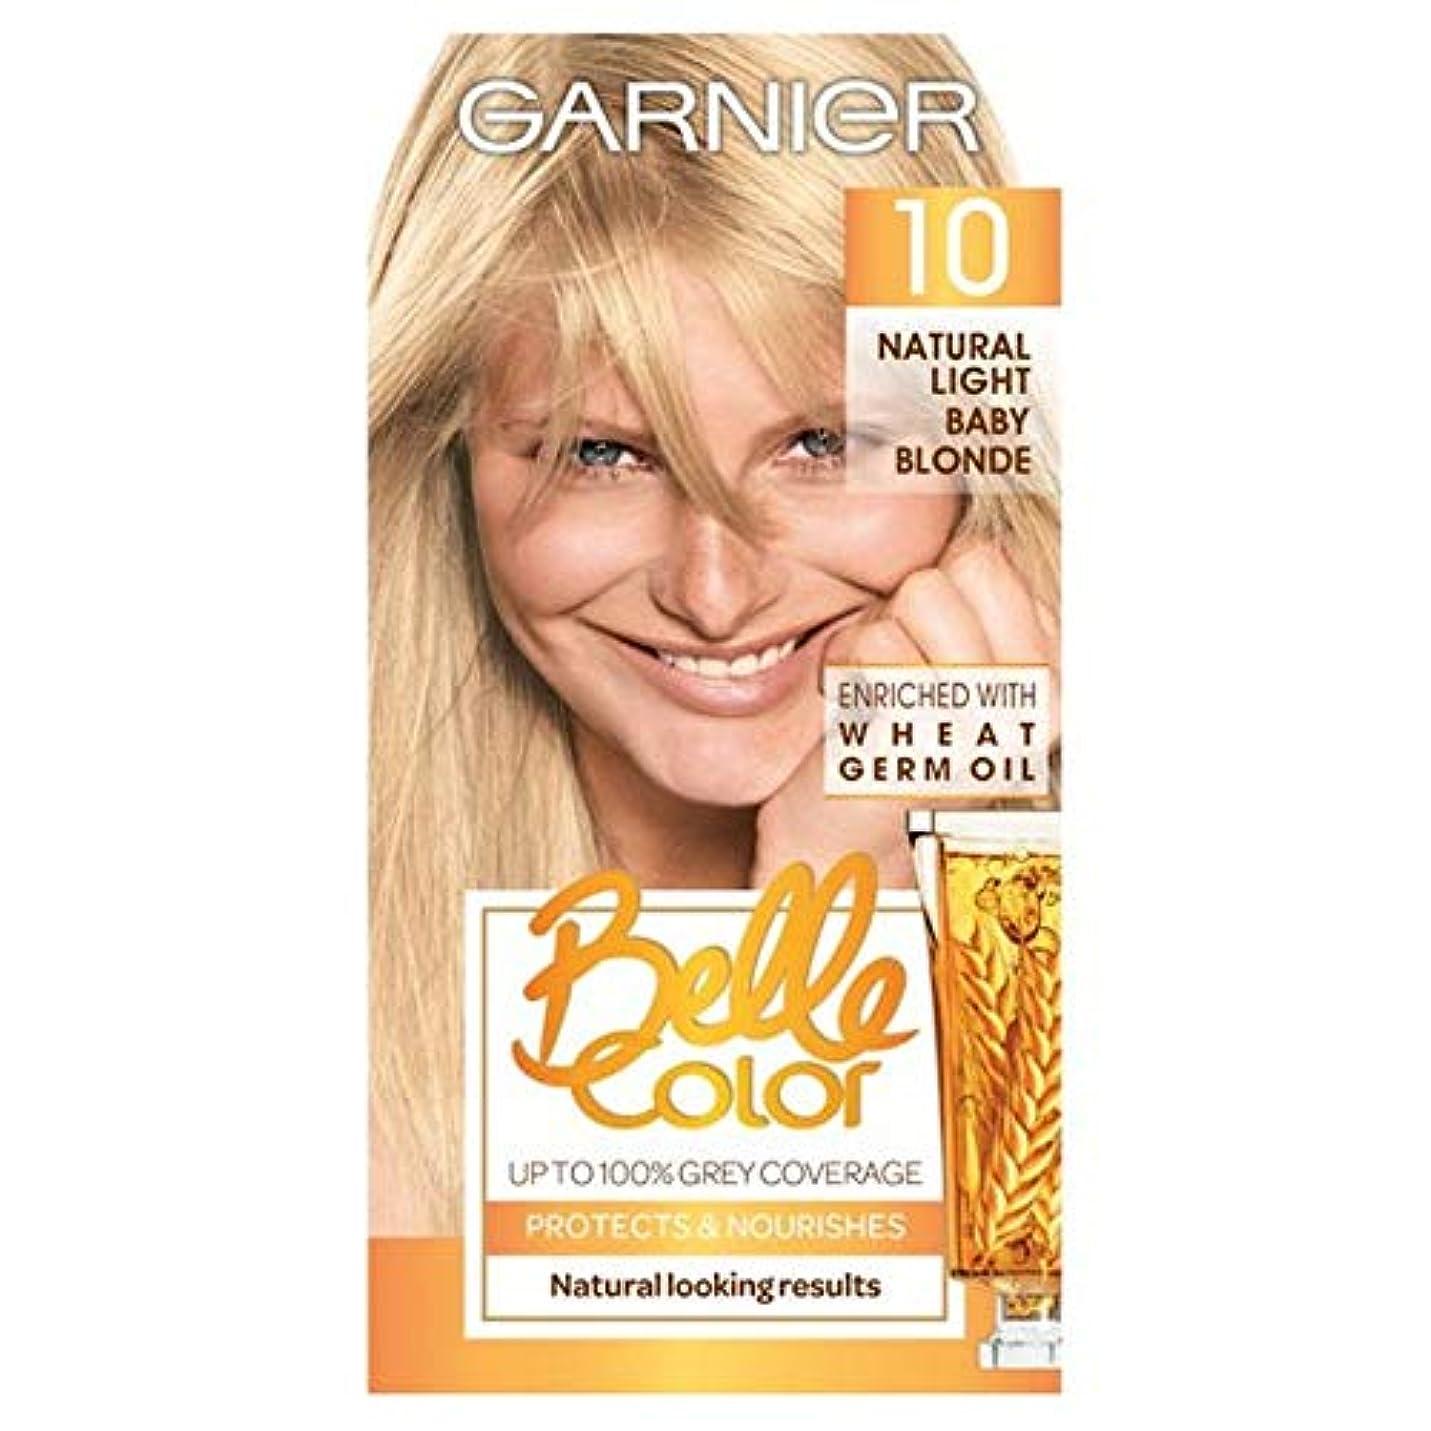 鋭くオーロック頻繁に[Belle Color ] ガーン/ベル/Clr 10自然光の赤ちゃんブロンドパーマネントヘアダイ - Garn/Bel/Clr 10 Natural Light Baby Blonde Permanent Hair...